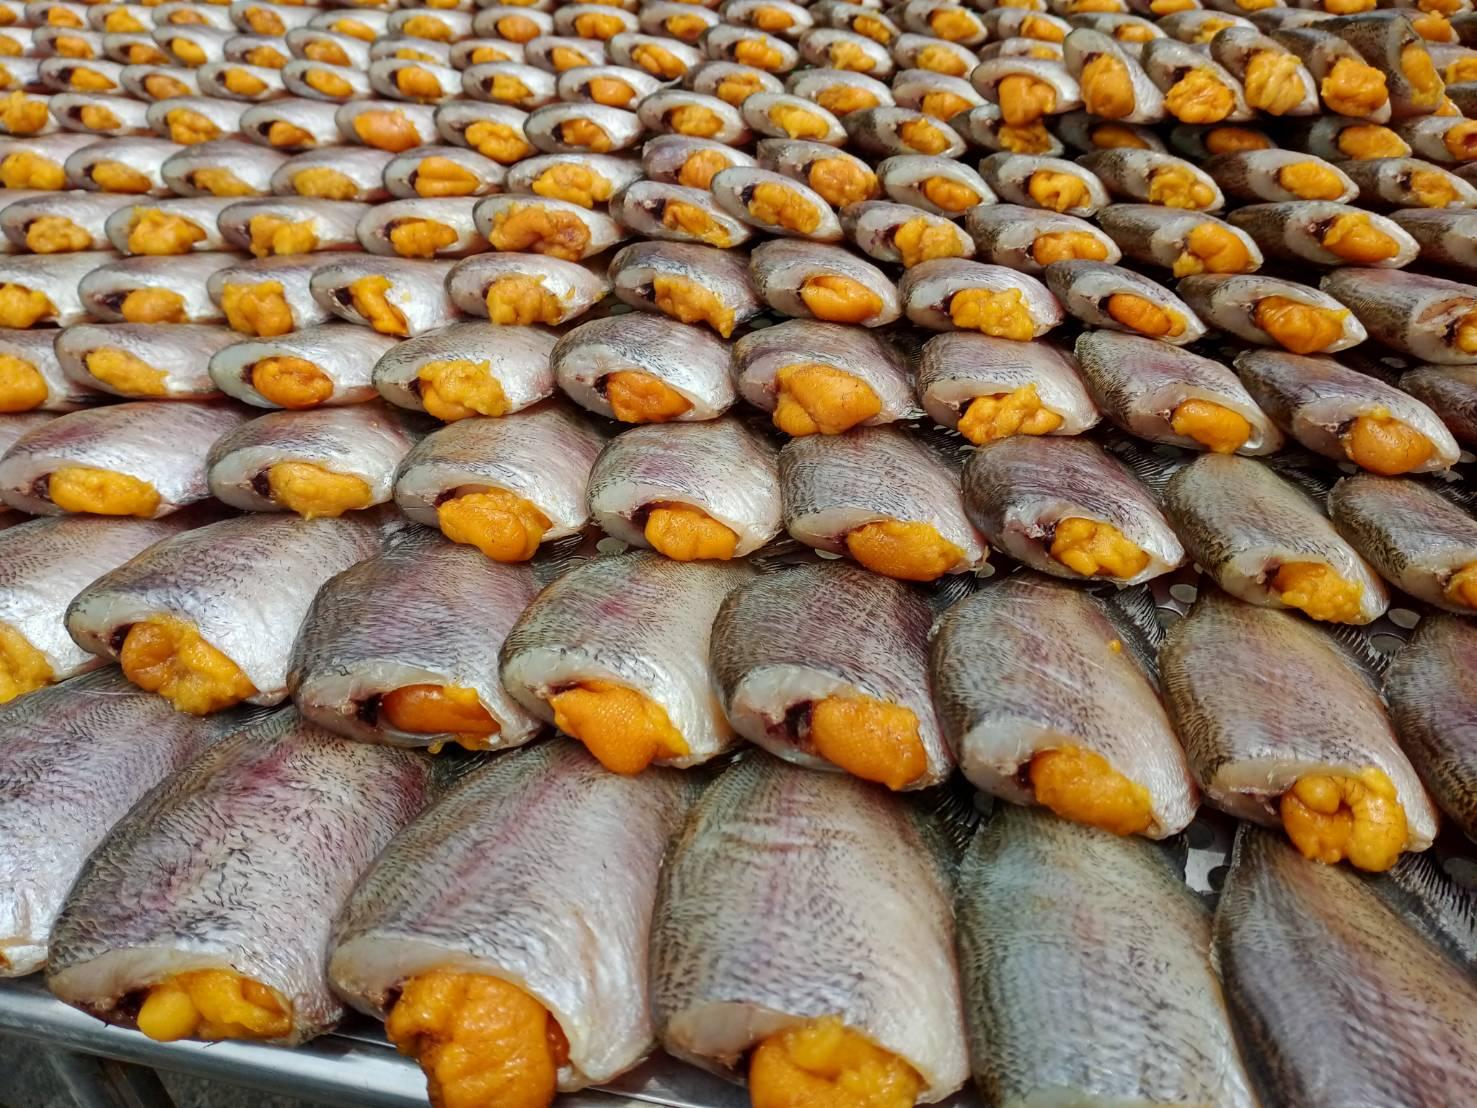 ปลาสลิดบางบ่อ ของแท้ ของดี ควรเลือกซื้อจากแหล่งไหน ?